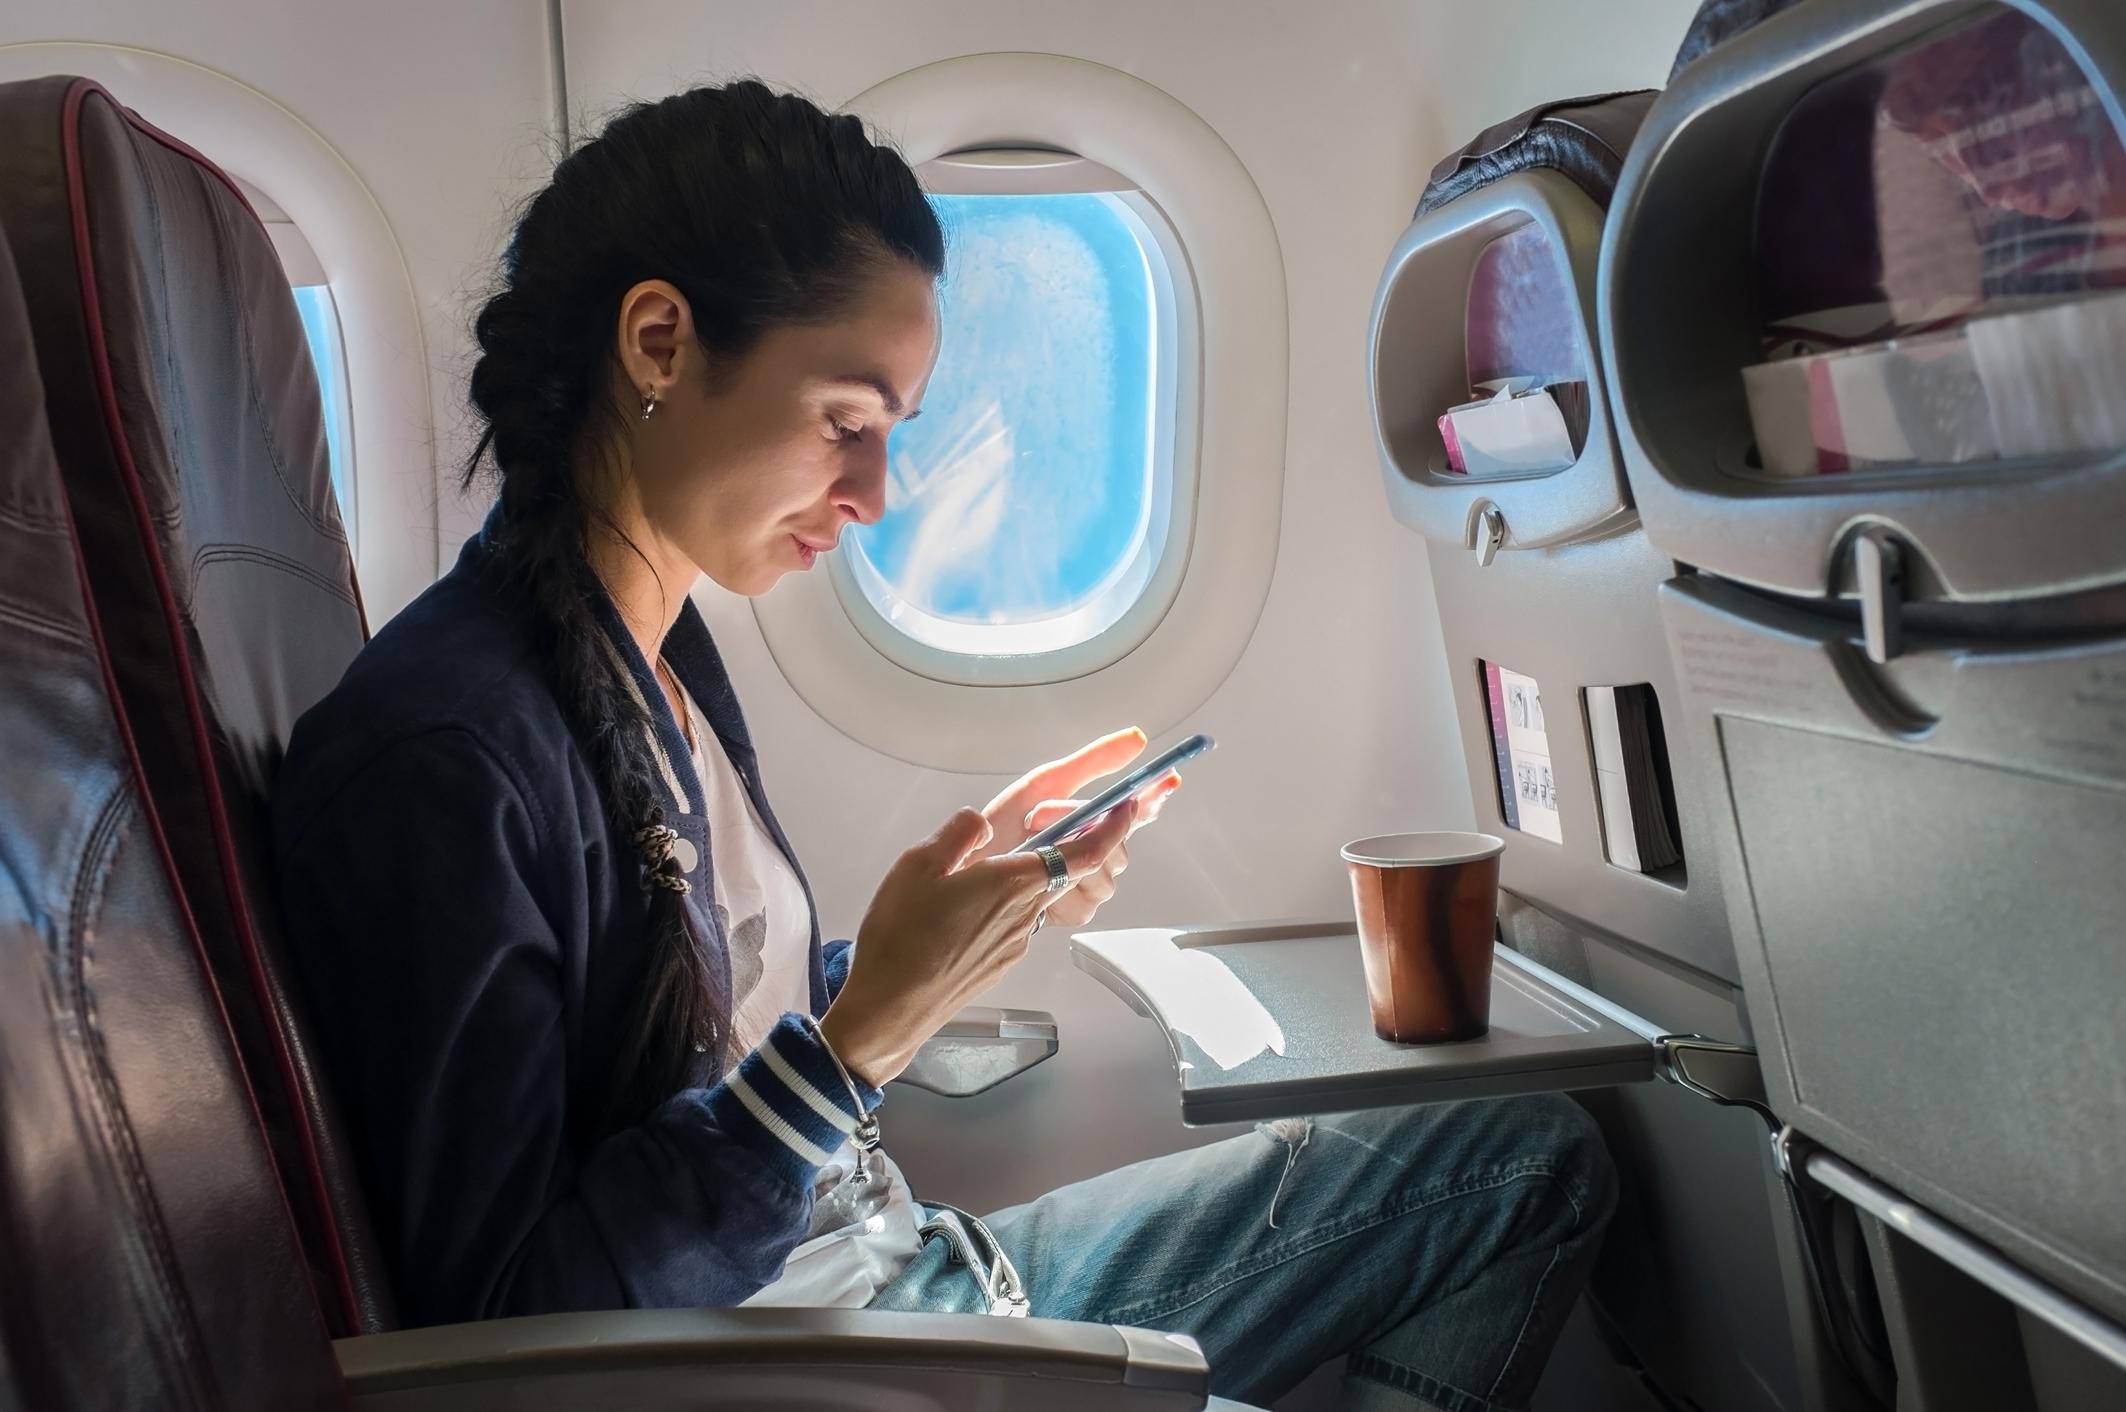 Flirten op het vliegtuig? Dat kan dankzij deze app